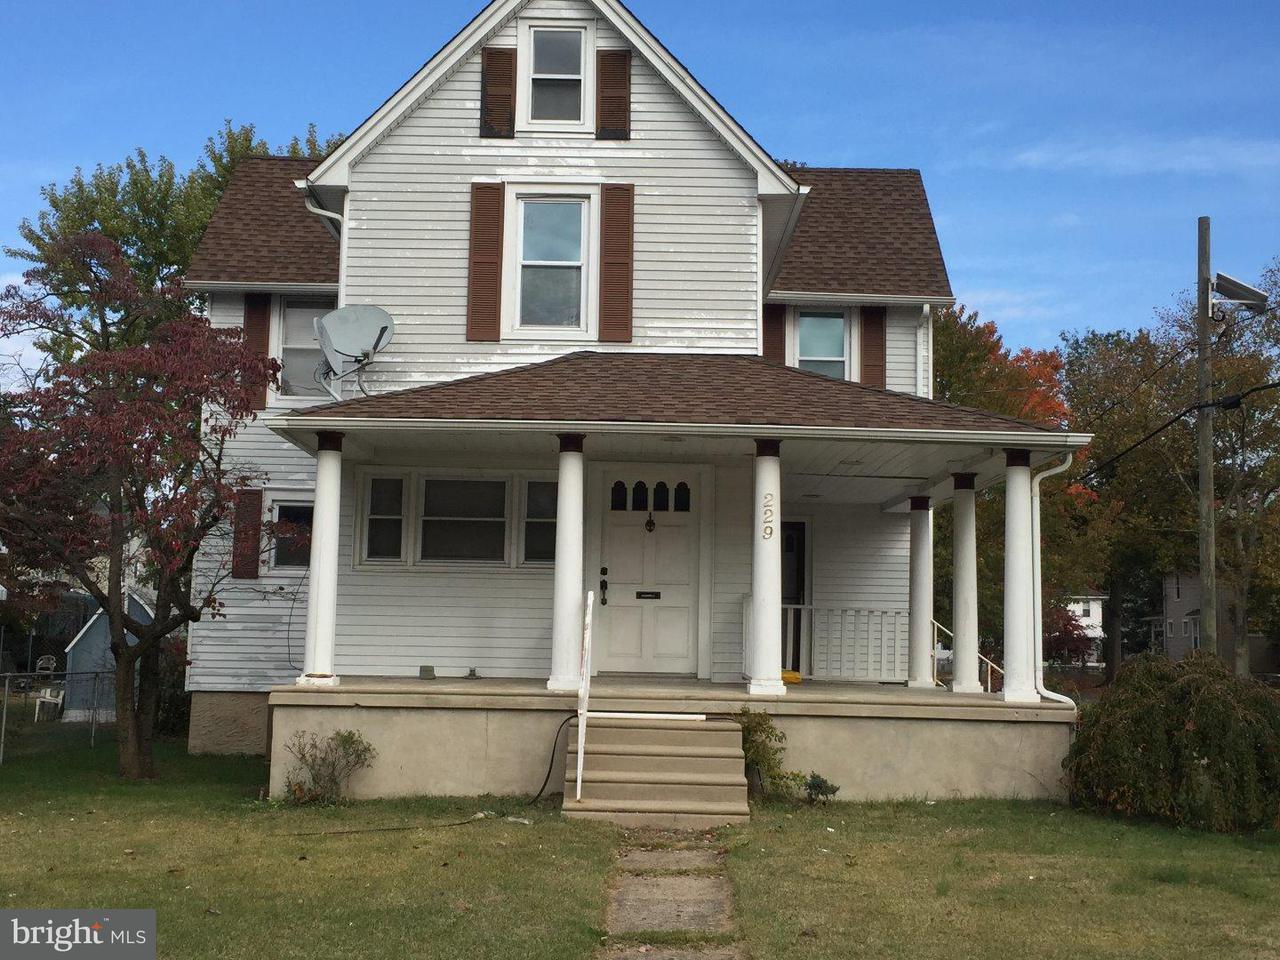 独户住宅 为 出租 在 229 CLEVELAND Avenue Riverside, 新泽西州 08075 美国